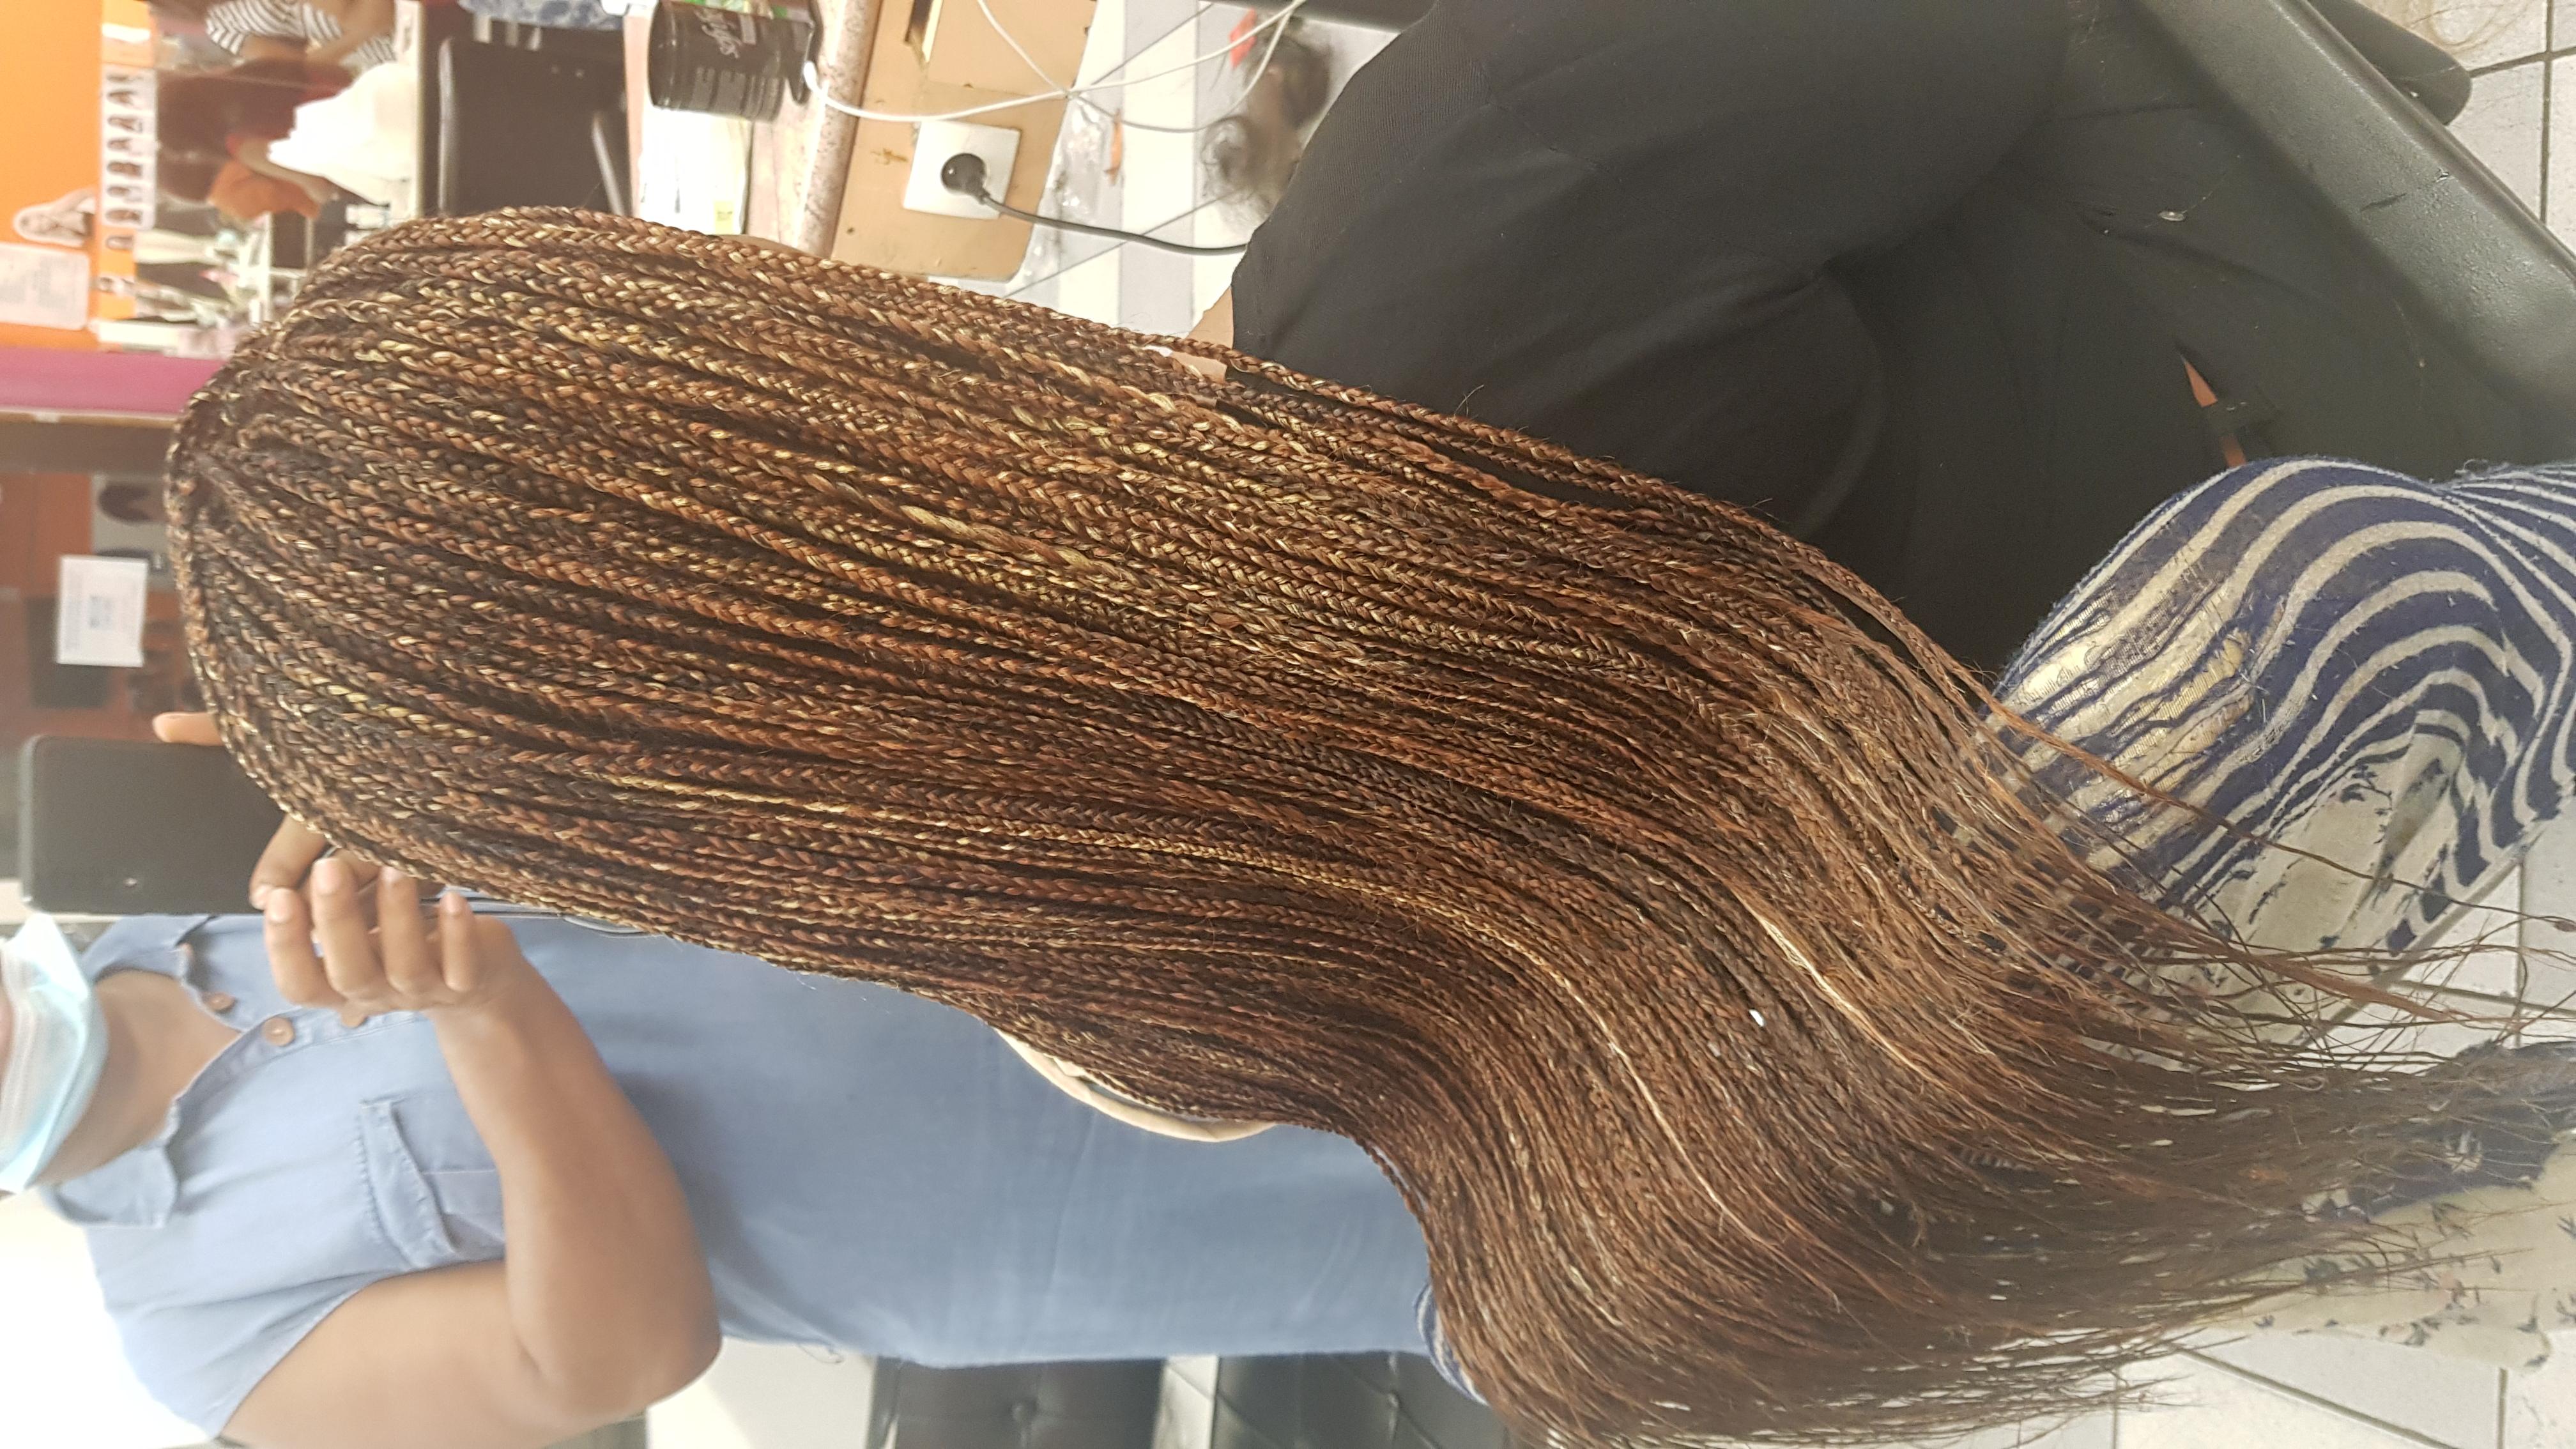 salon de coiffure afro tresse tresses box braids crochet braids vanilles tissages paris 75 77 78 91 92 93 94 95 FQQKIDMH